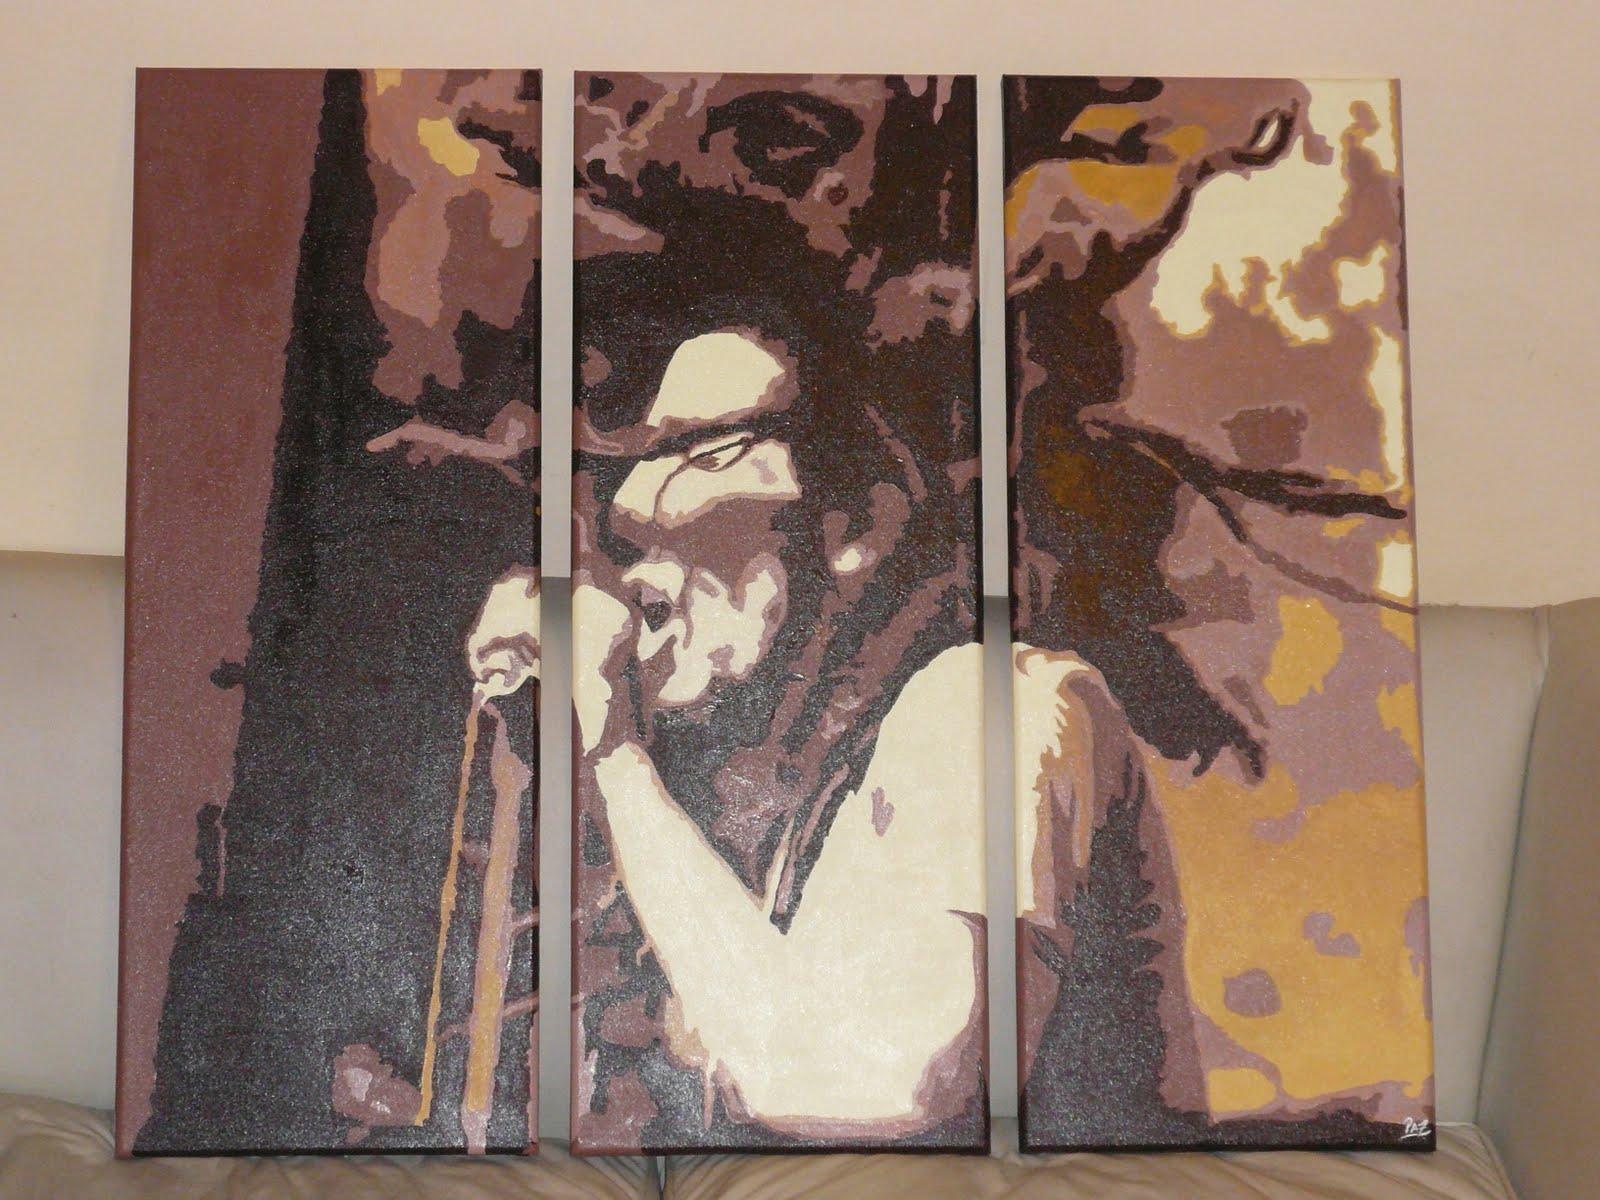 Bob marley doble carga cuadros acrilico pintados a mano - Cuadros bob marley ...